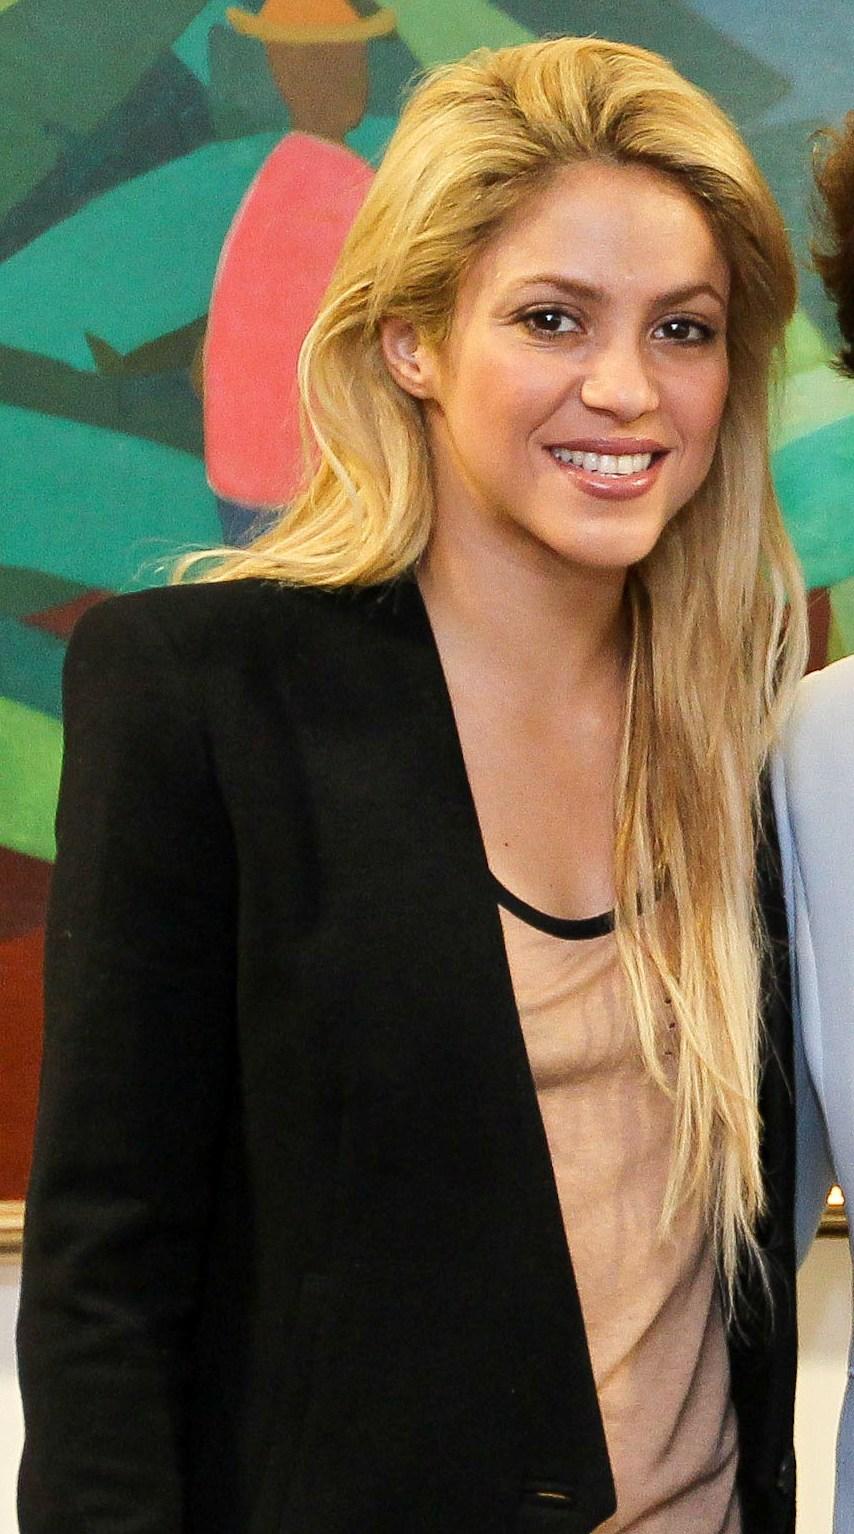 File:Shakira March 2011.jpg - Wikimedia Commons Shakira